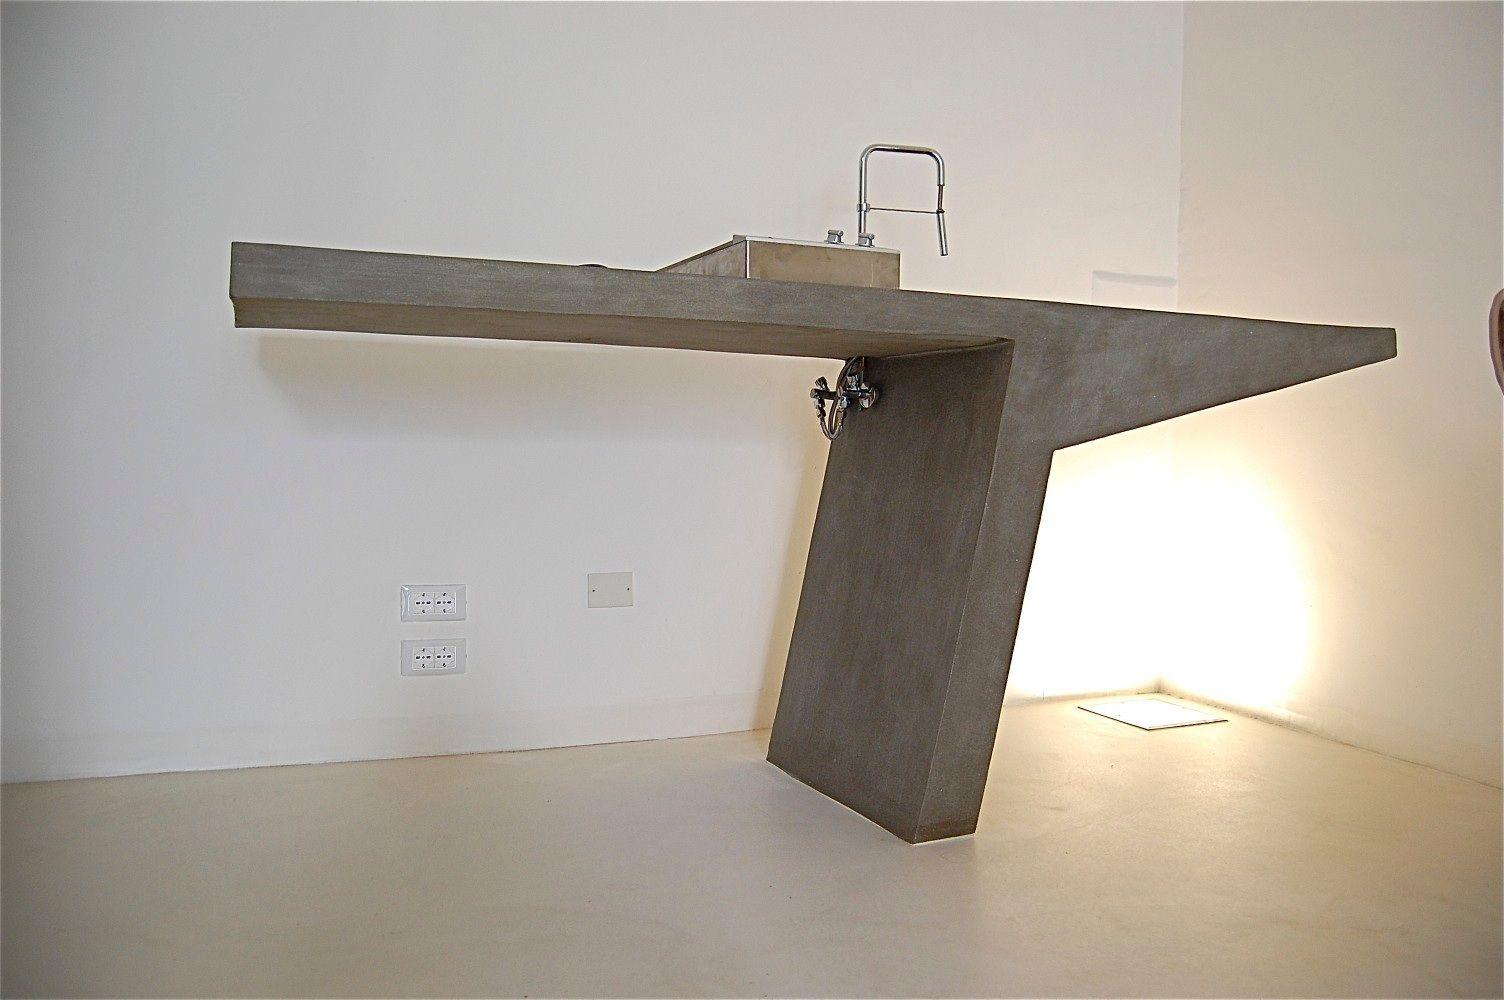 Cucina in cemento levigato francesco santoni architetto